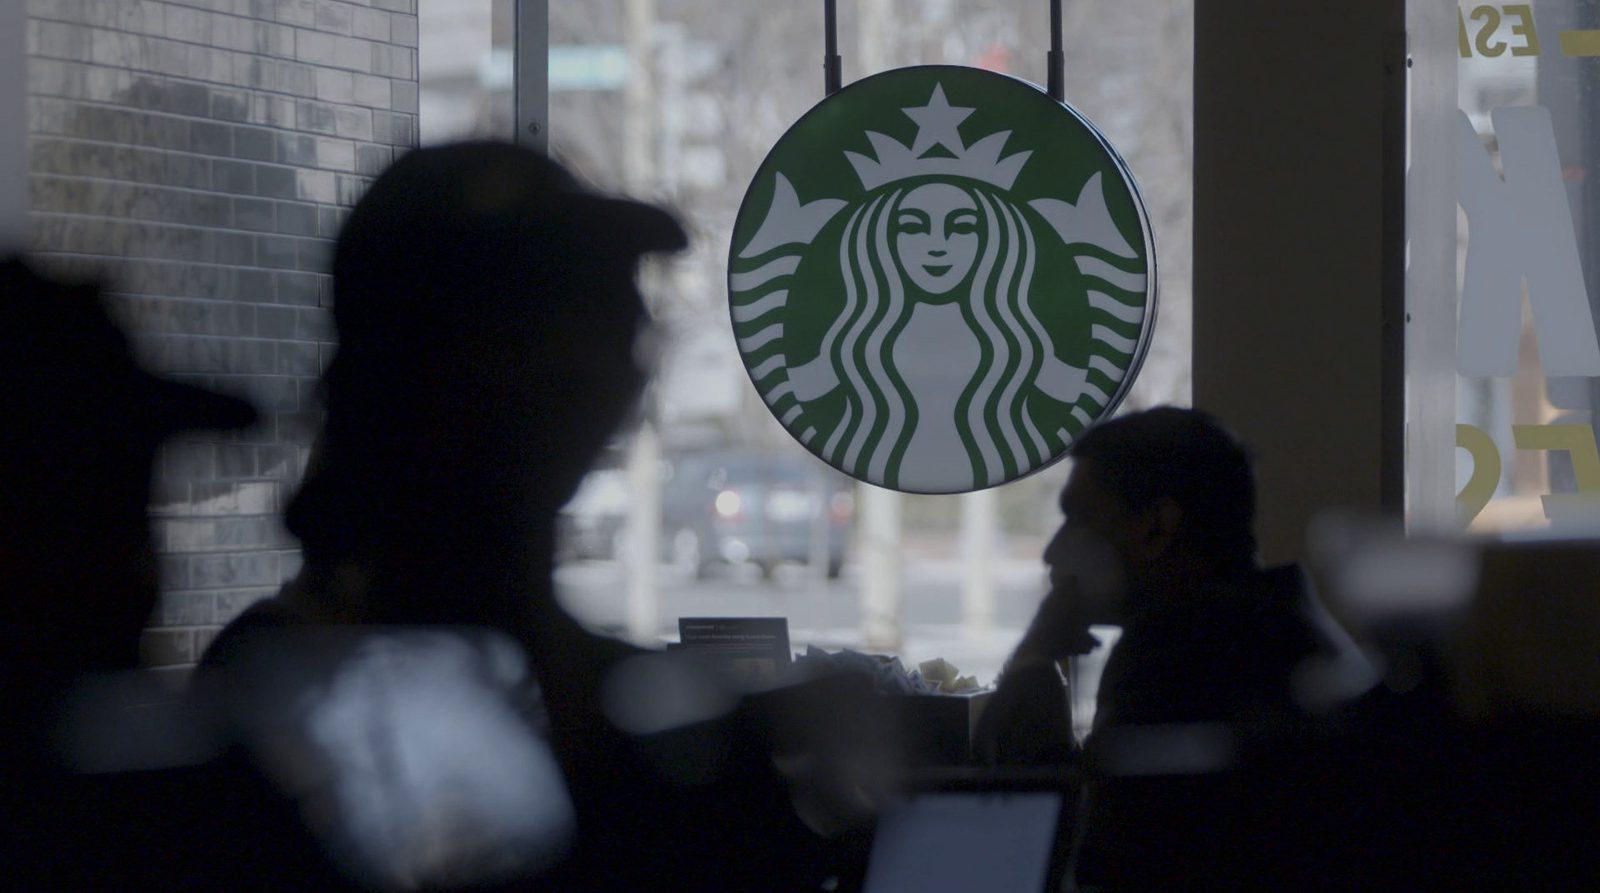 Entretien avec Luc Hermann, qui a enquêté un an sur le côté obscur de Starbucks